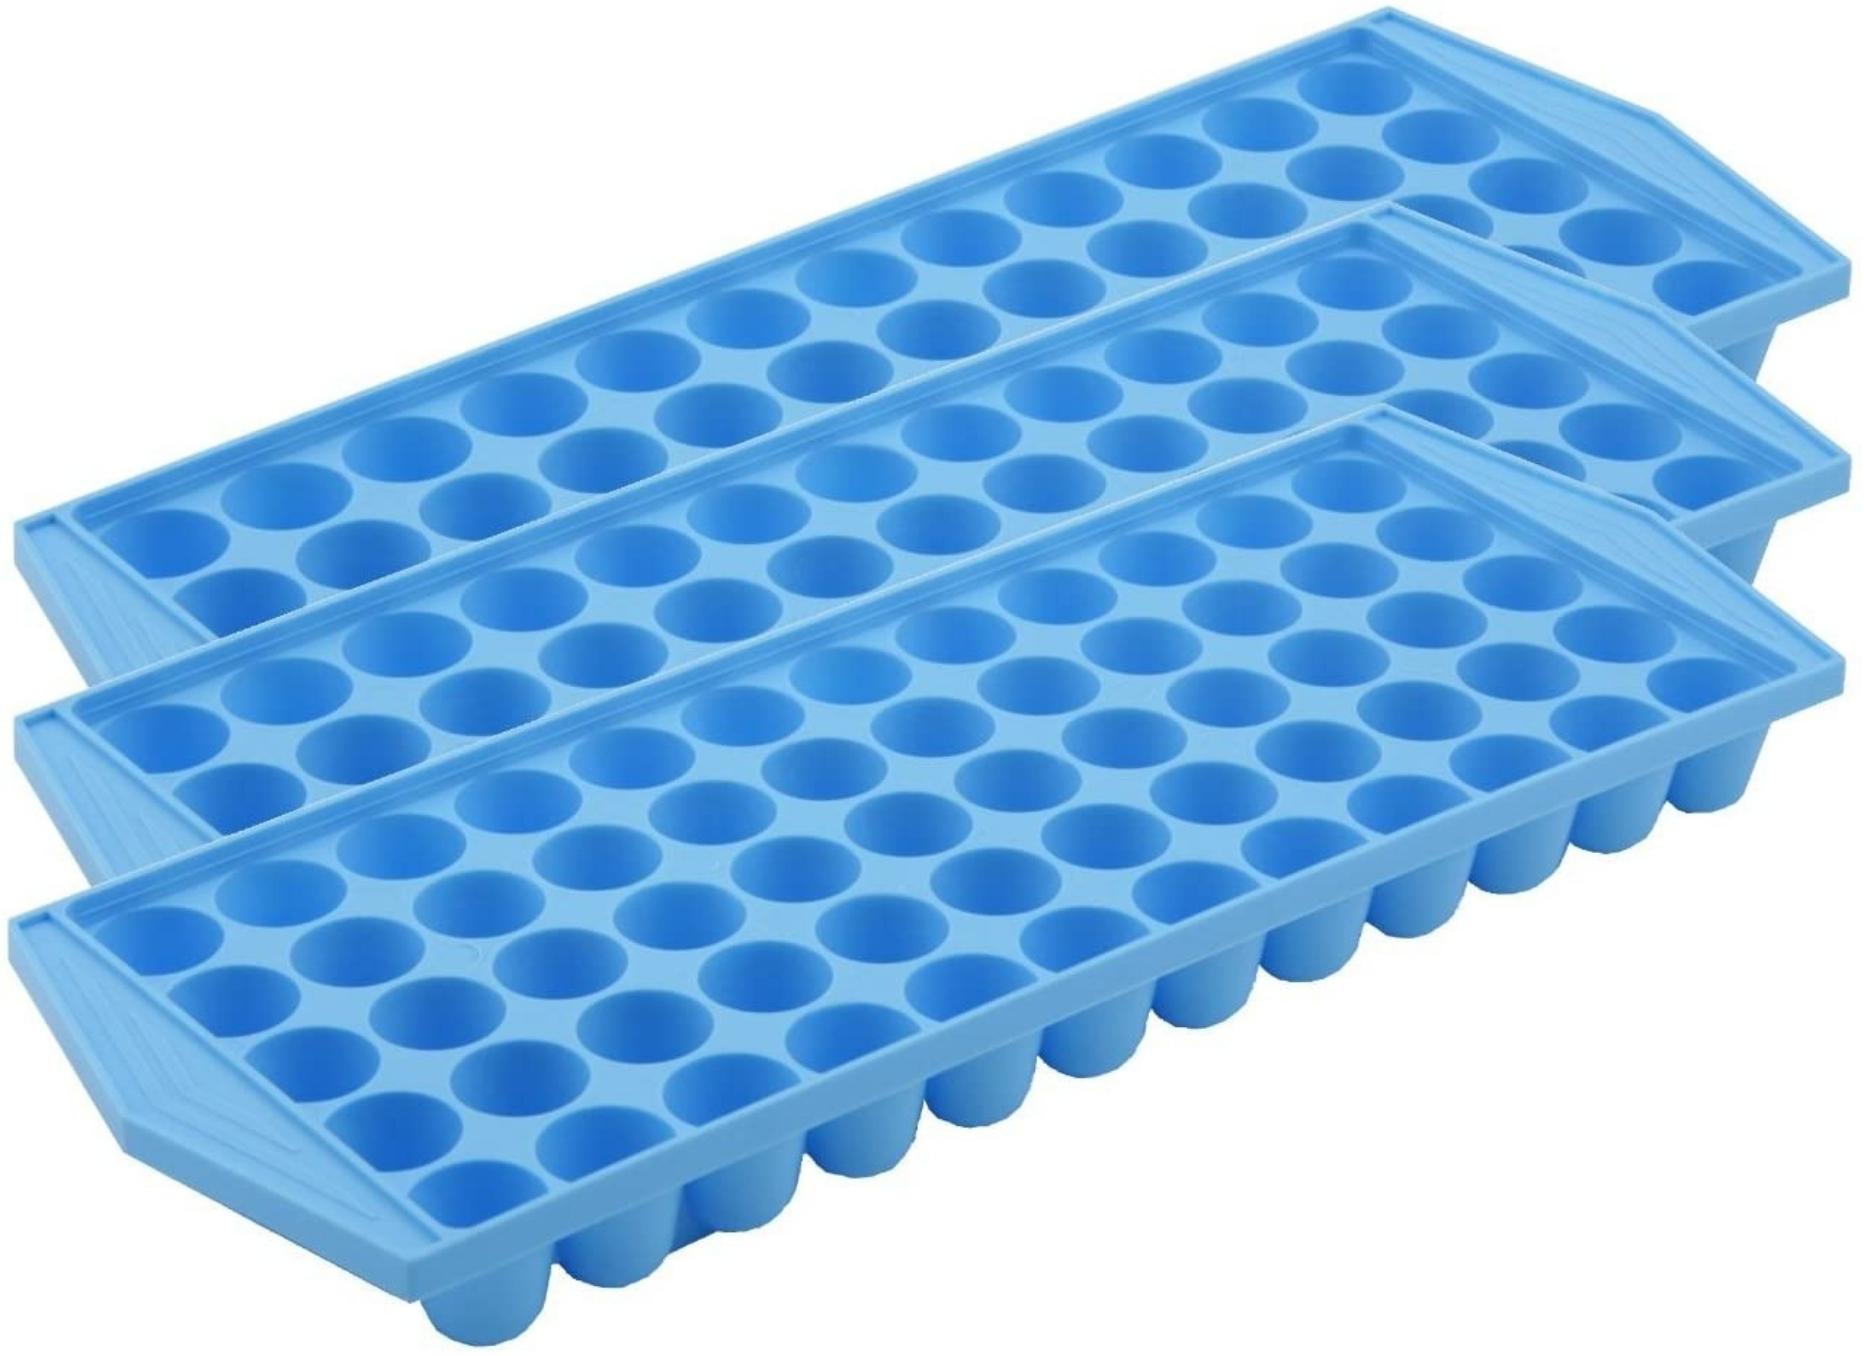 Arrow Ice Tray